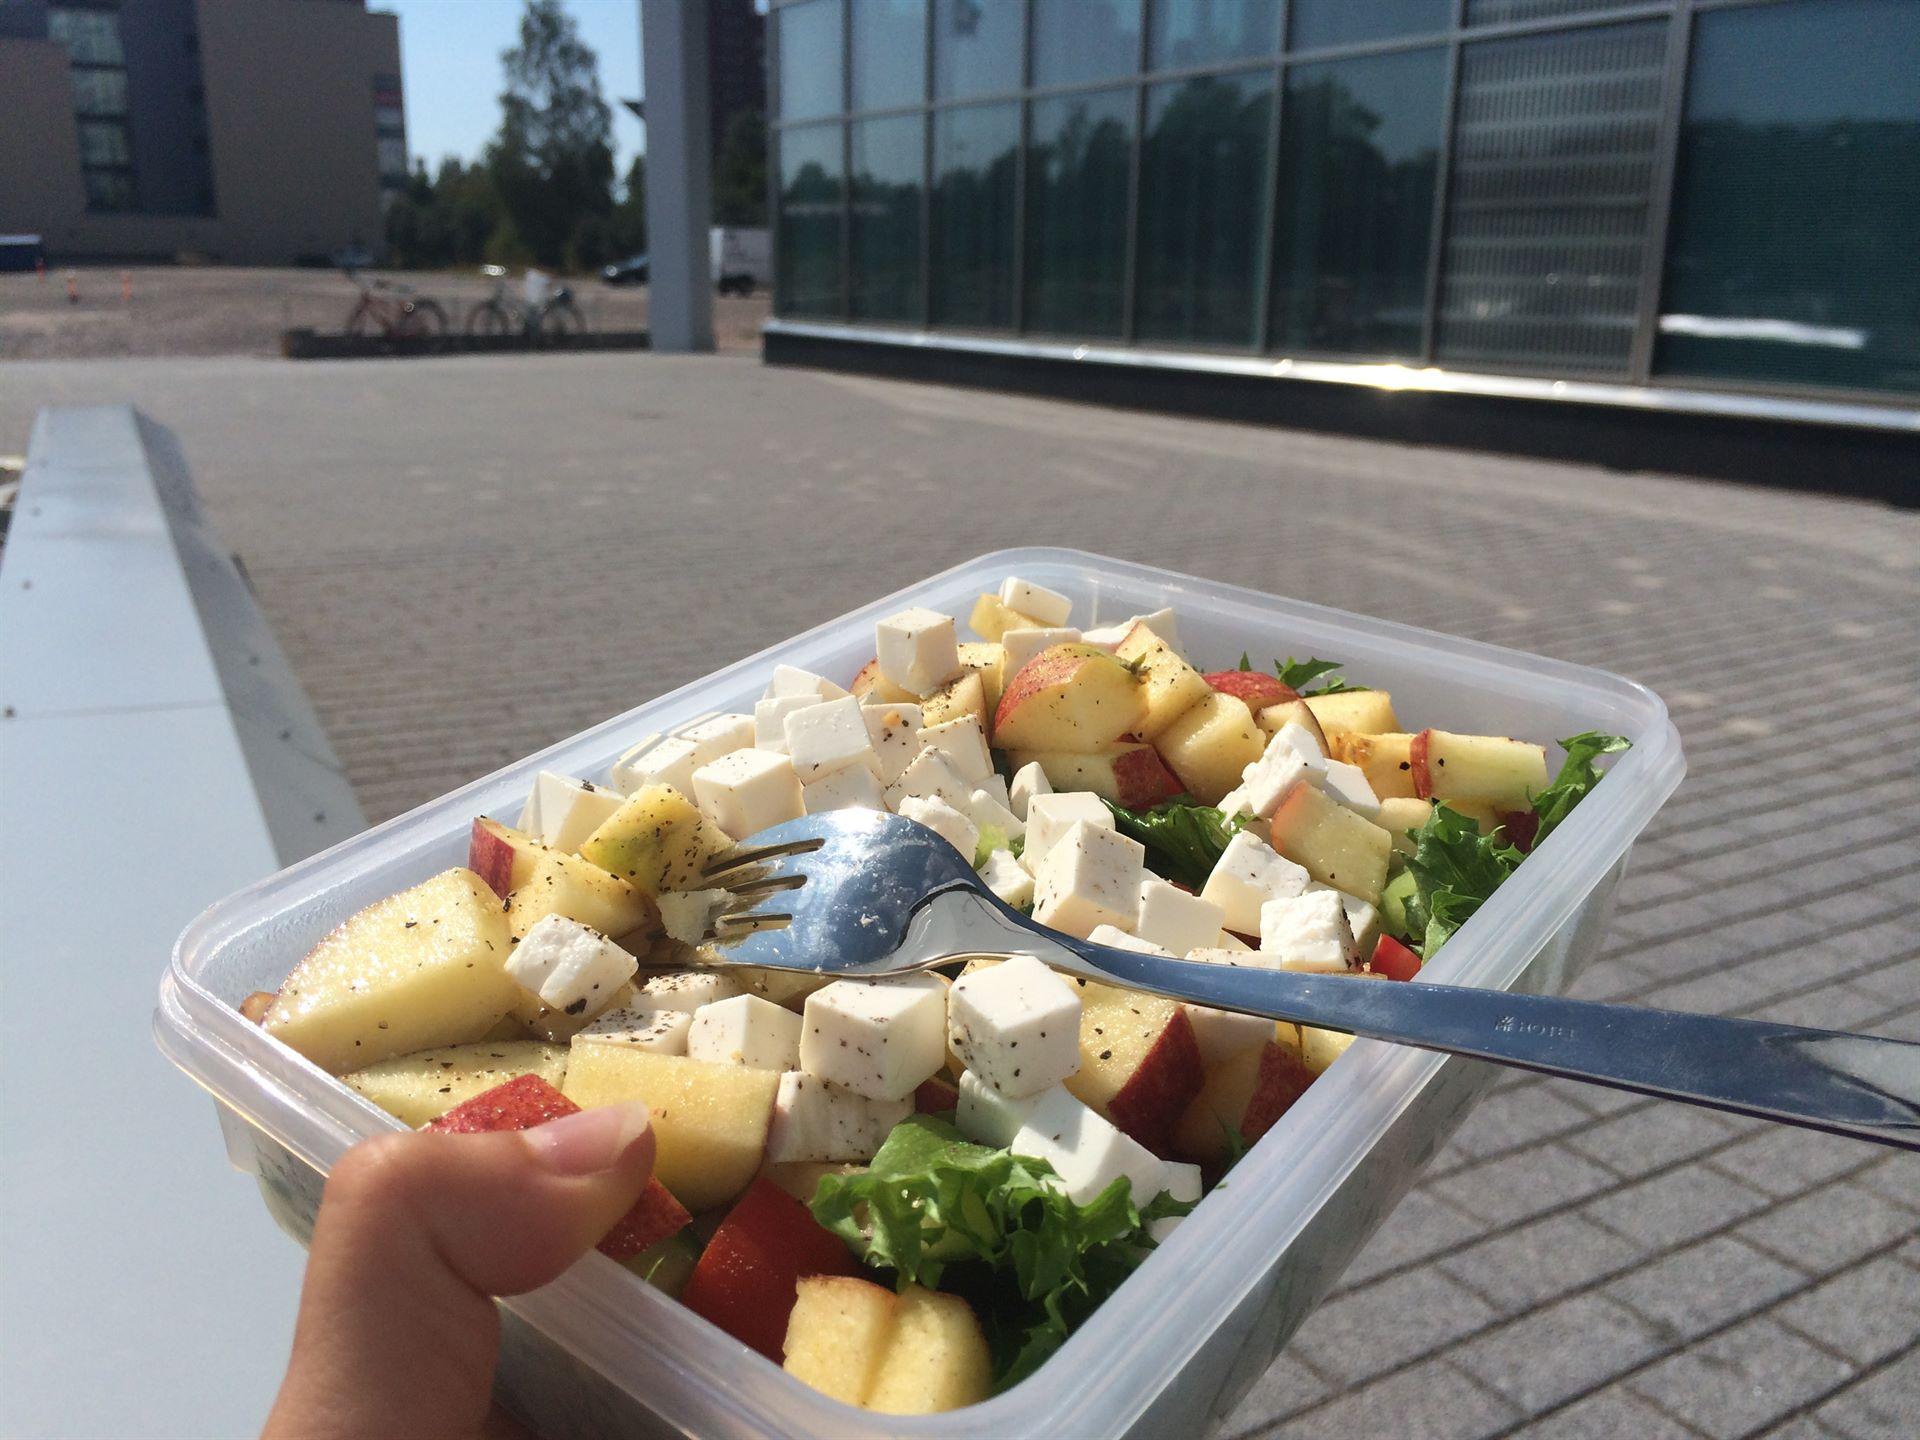 Omien ruokien suhteen menin yli siitä mistä aita on matalin, eli aika salaattipainotteiset ruoat oli tarjolla